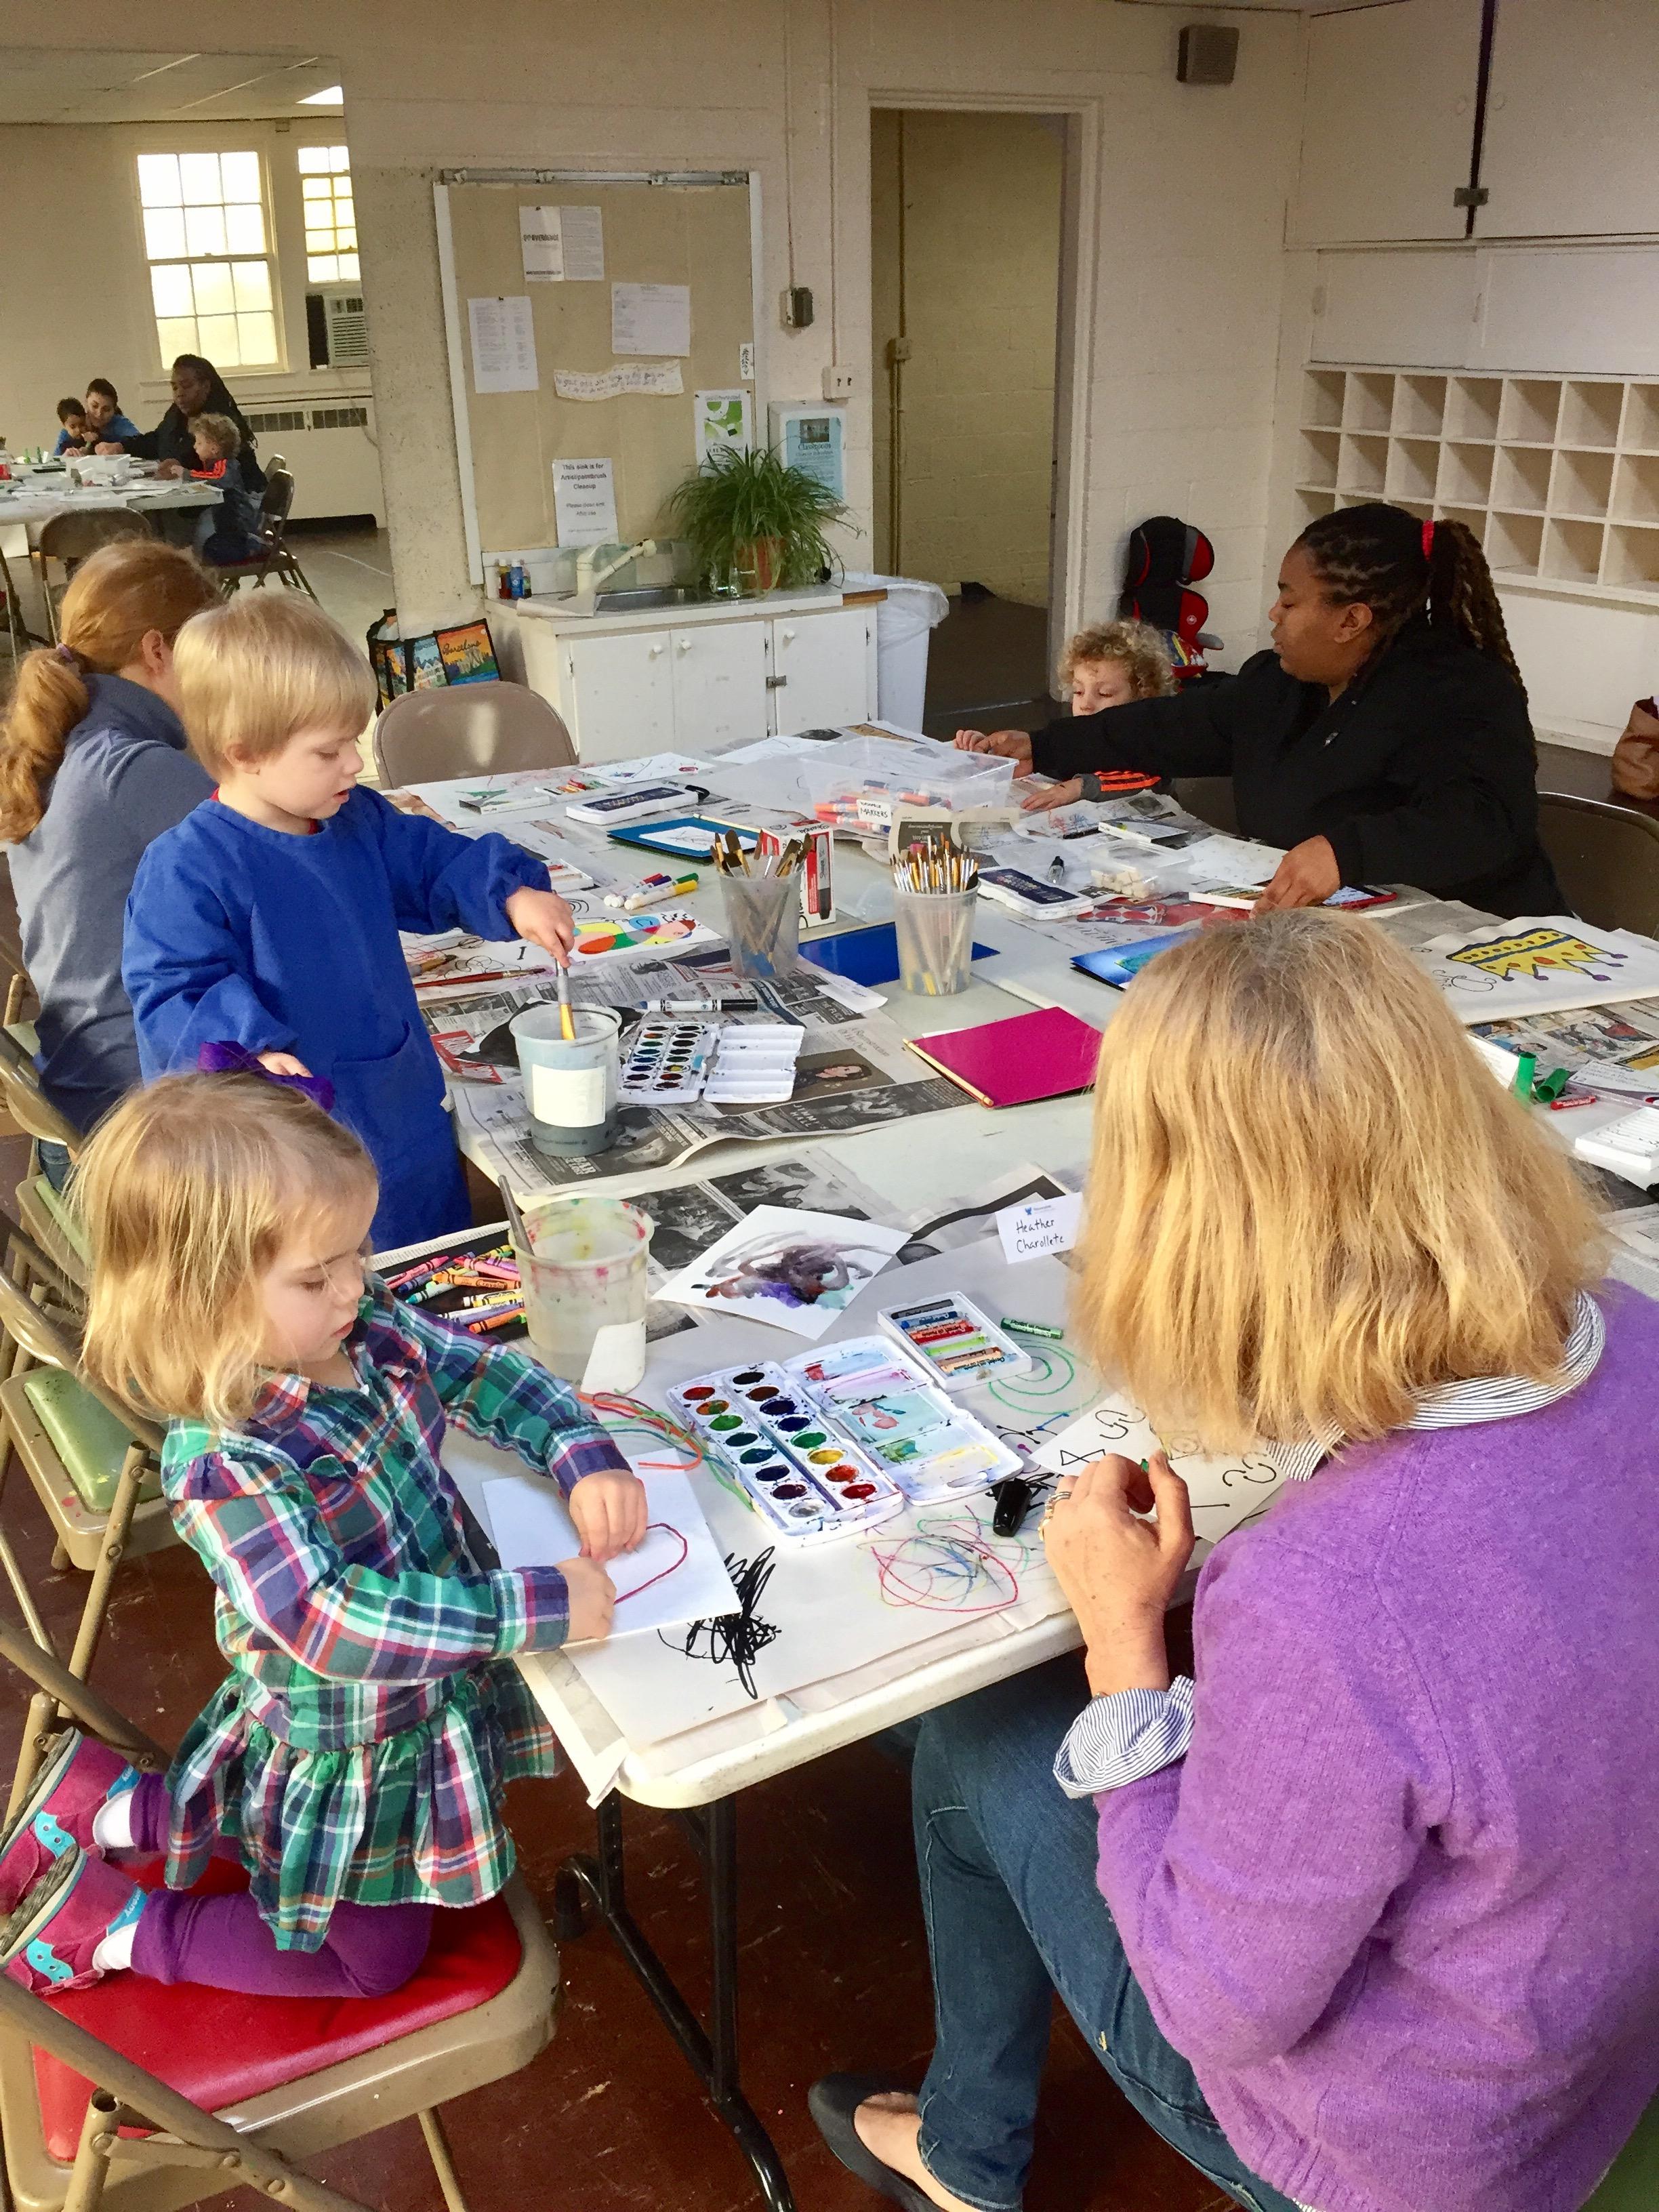 My Art Mom's Art Playgroup